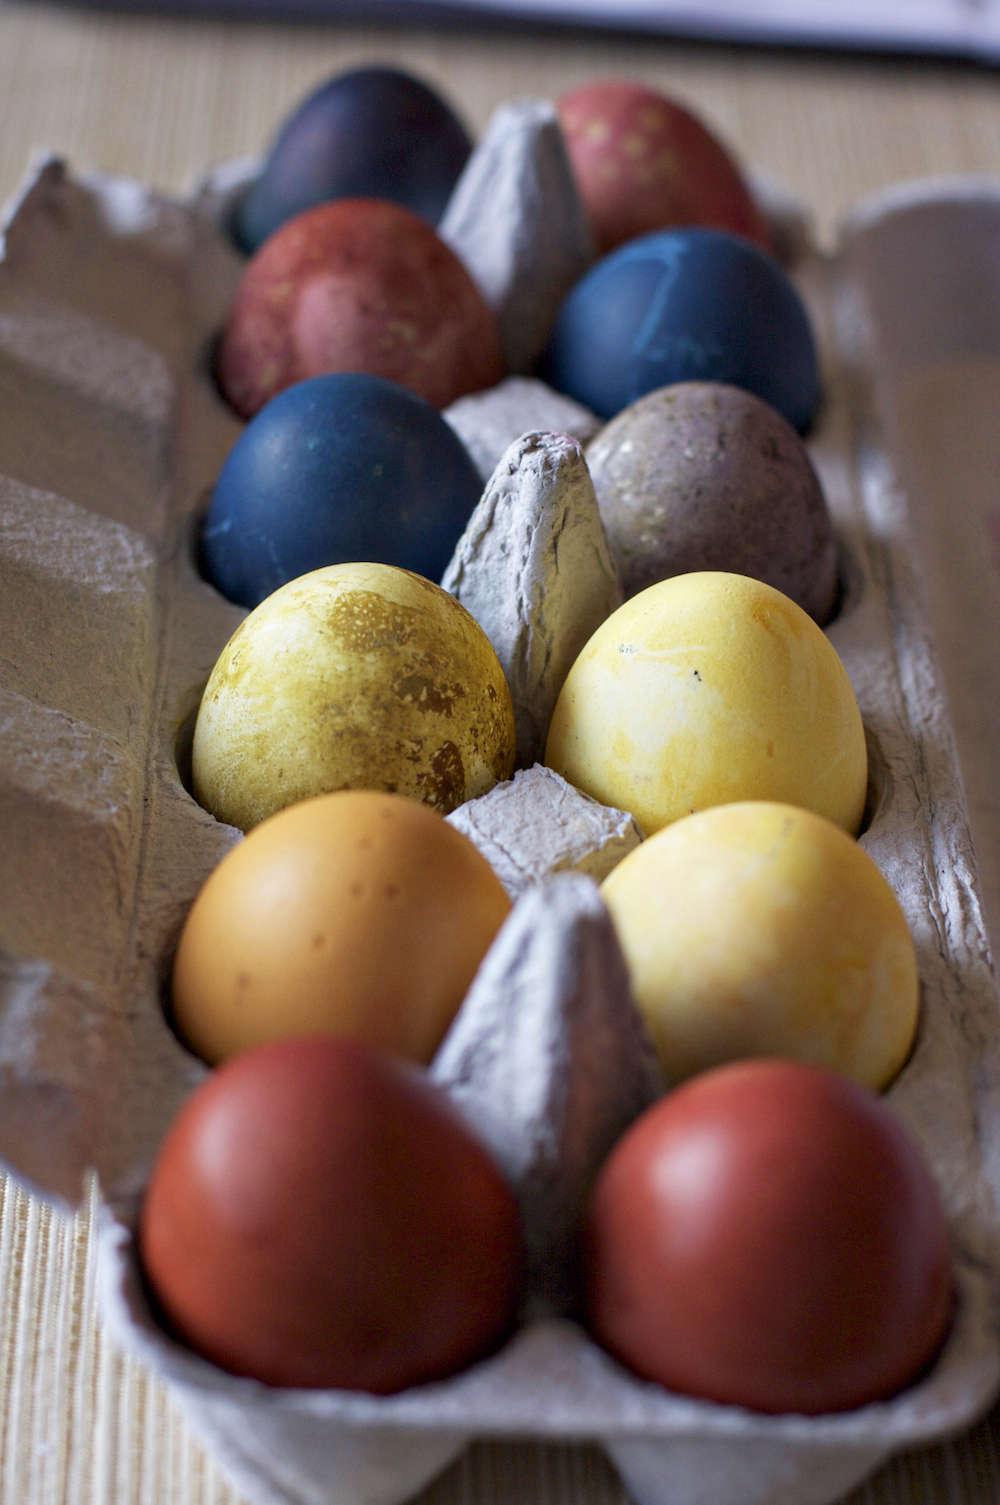 在白肉里,一个白肉,在热锅里,发现了一种热蛋白,然后用鸡蛋,然后用冰蛋白,然后用果汁,然后用它的味道。